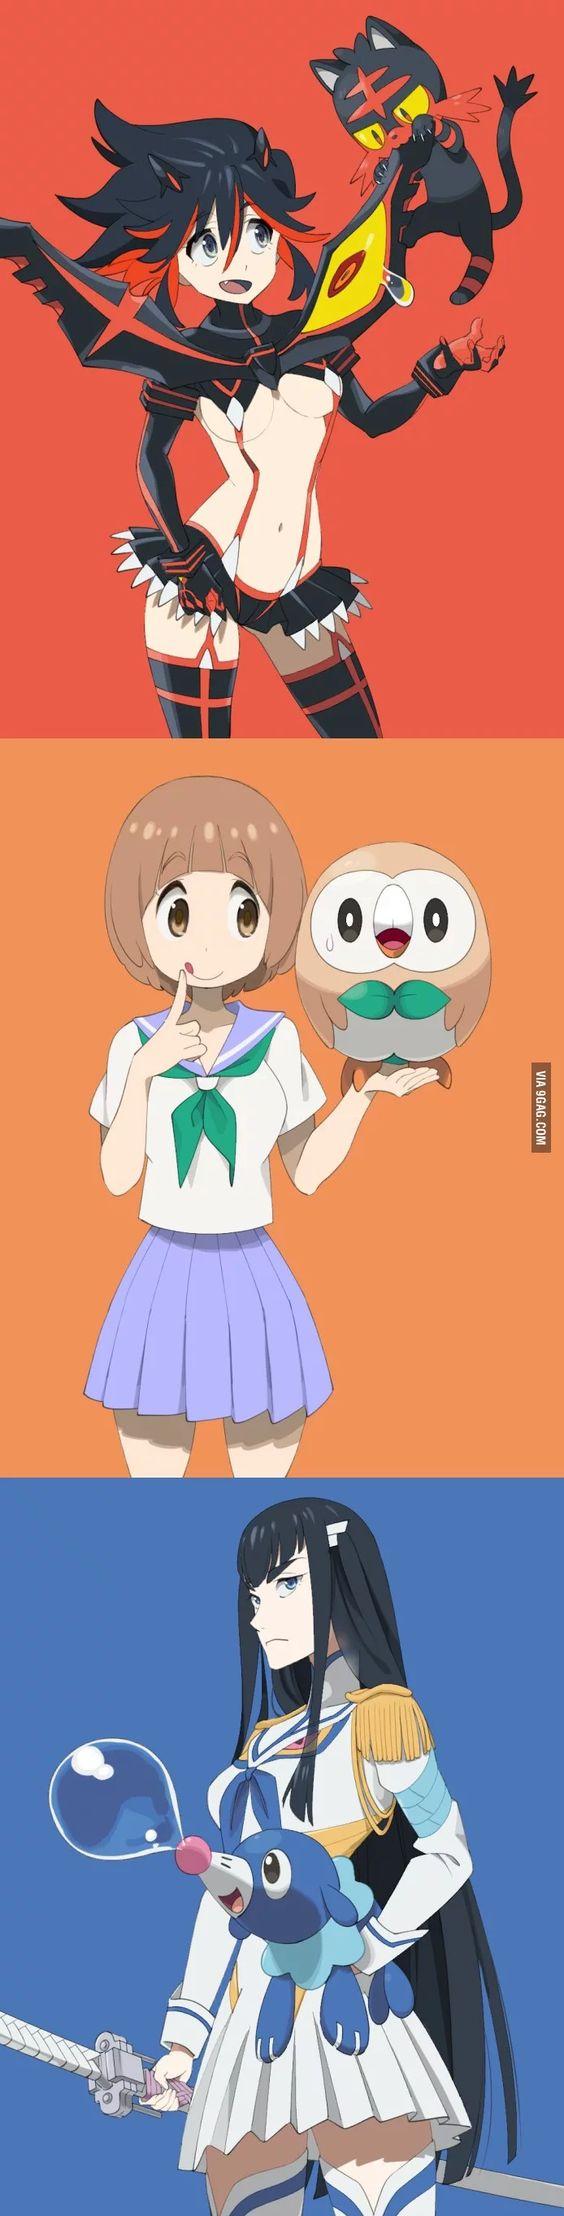 kill la kill & Pokemon